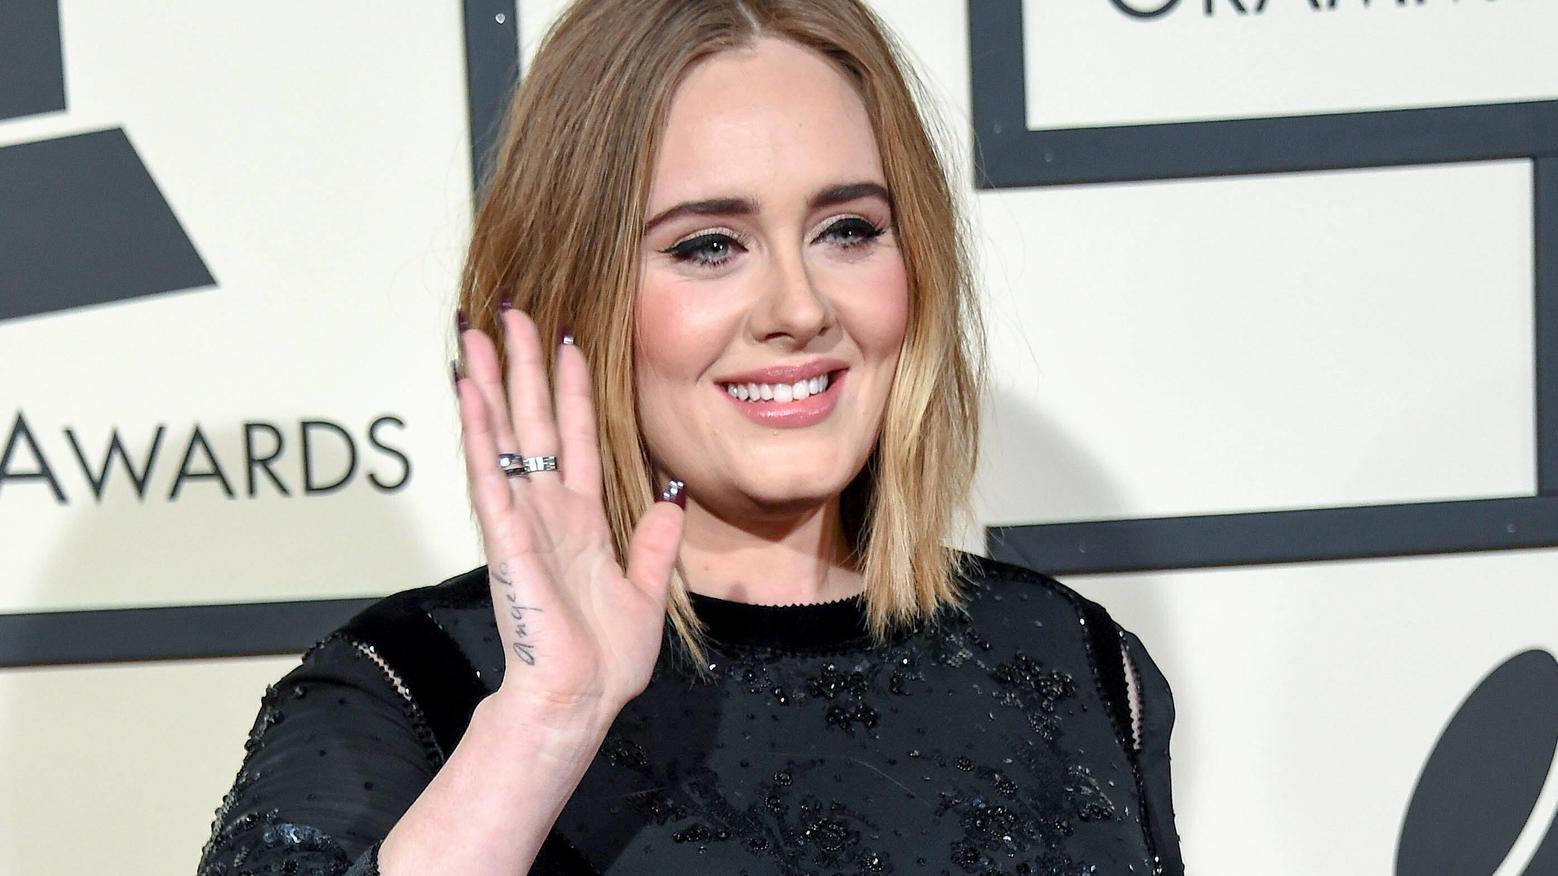 Mit mehr als 100 Millionen verkauften Tonträgern zählt Adele zu den erfolgreichsten Sängerinnen des 21. Jahrhunderts.